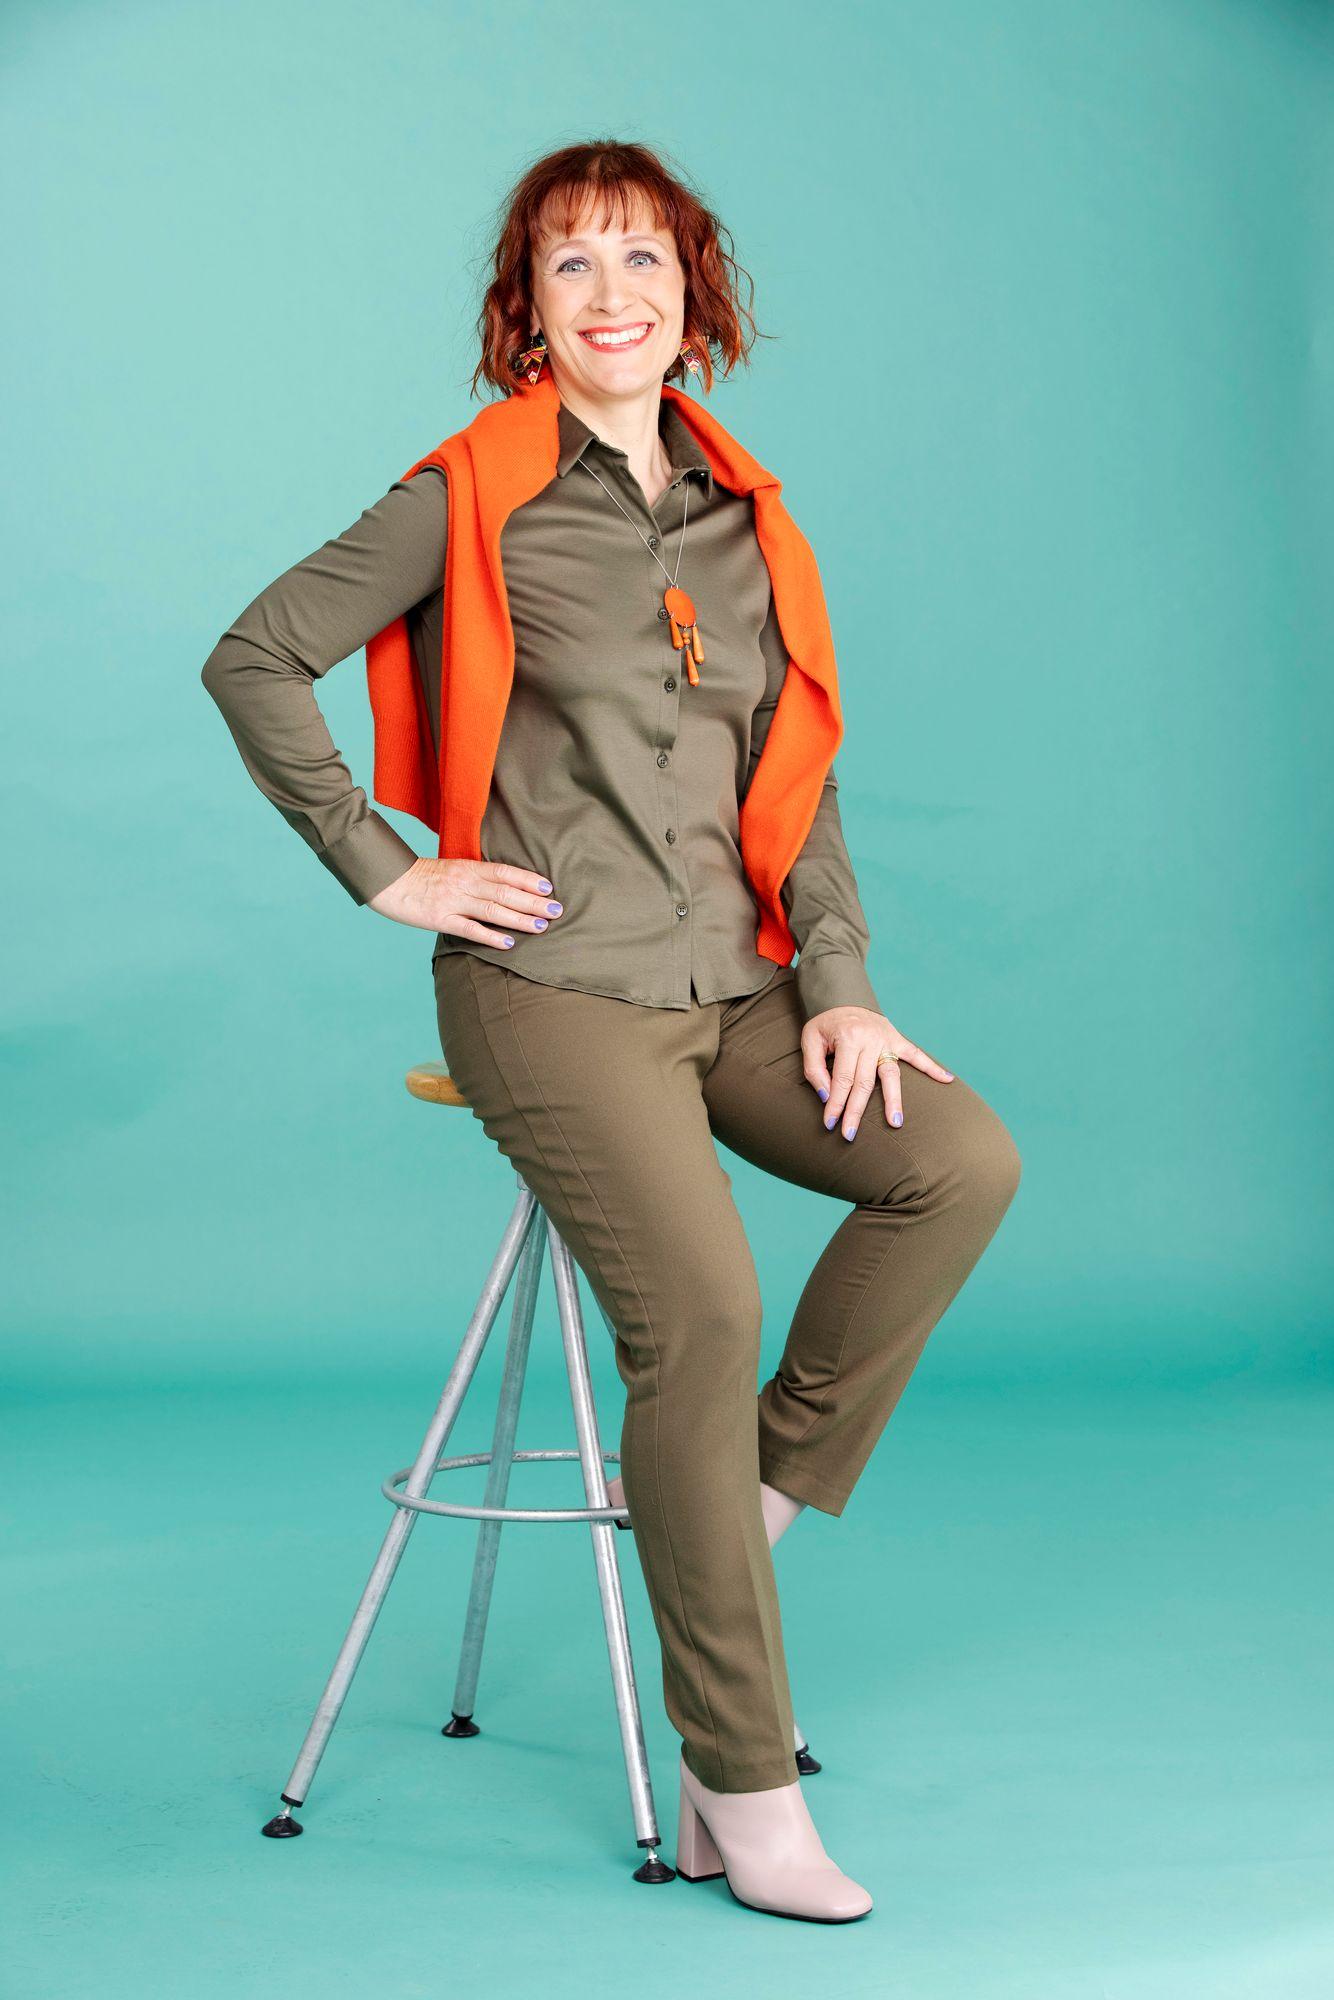 Oliivinvihreä paita ja housut näyttävät uniformulta. Oranssin värinen neuletakki ja korut tuovat asuun piristystä. Paita 109 € ja housut 109 €, molemmat Mos Mosh. Kashmirneuletakki 119 €, Mark & Spencer. Kaulakoru 32 €, Aarikka. Bootsit 199 €, Bella Luna. © Tommi Tuomi